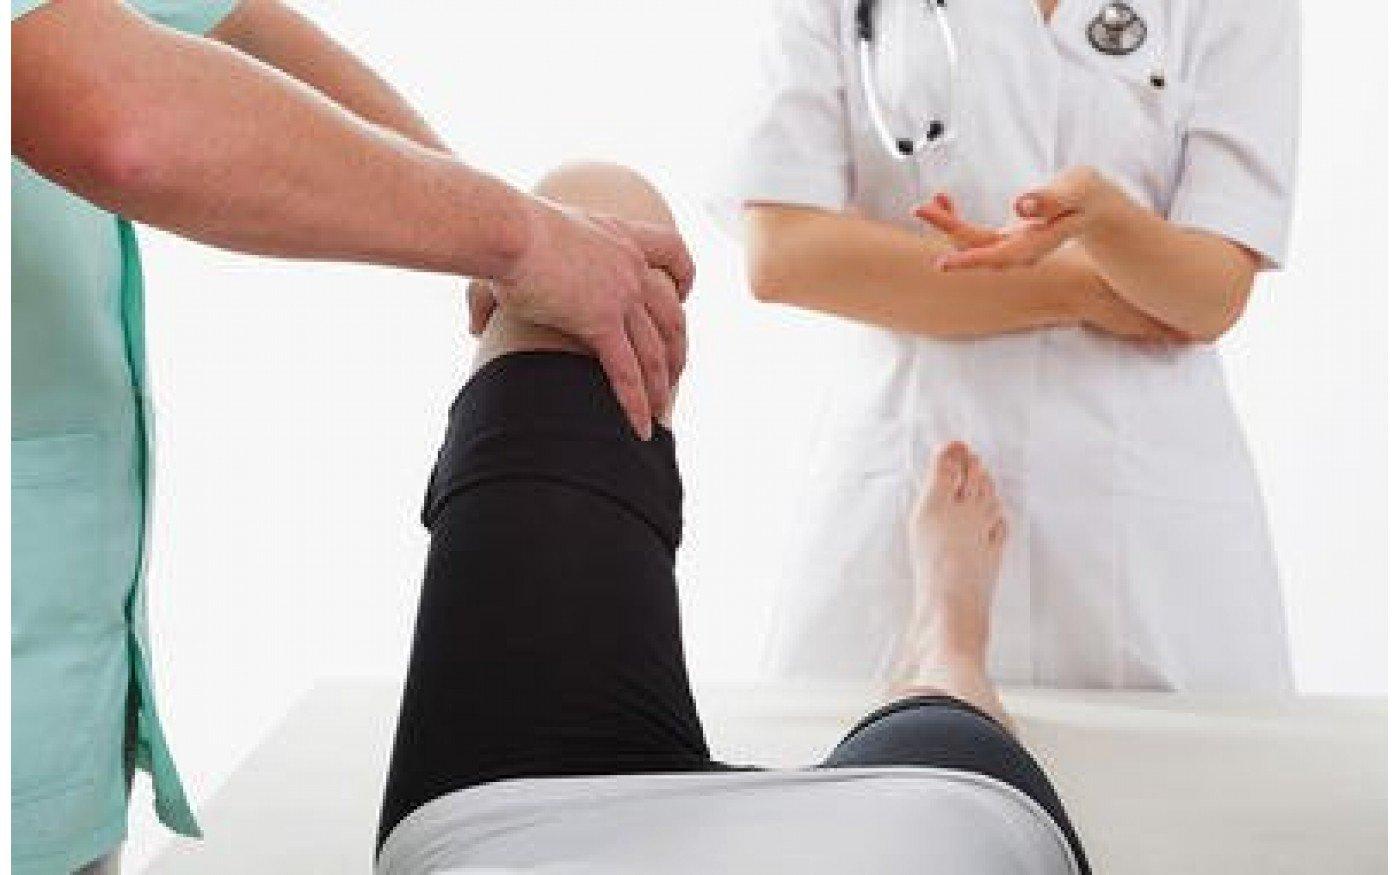 Sử dụng phương pháp vật lí trị liệu kết hợp với bài tập nhẹ nhàng chữa bệnh đau khớp gối người già tại nhà